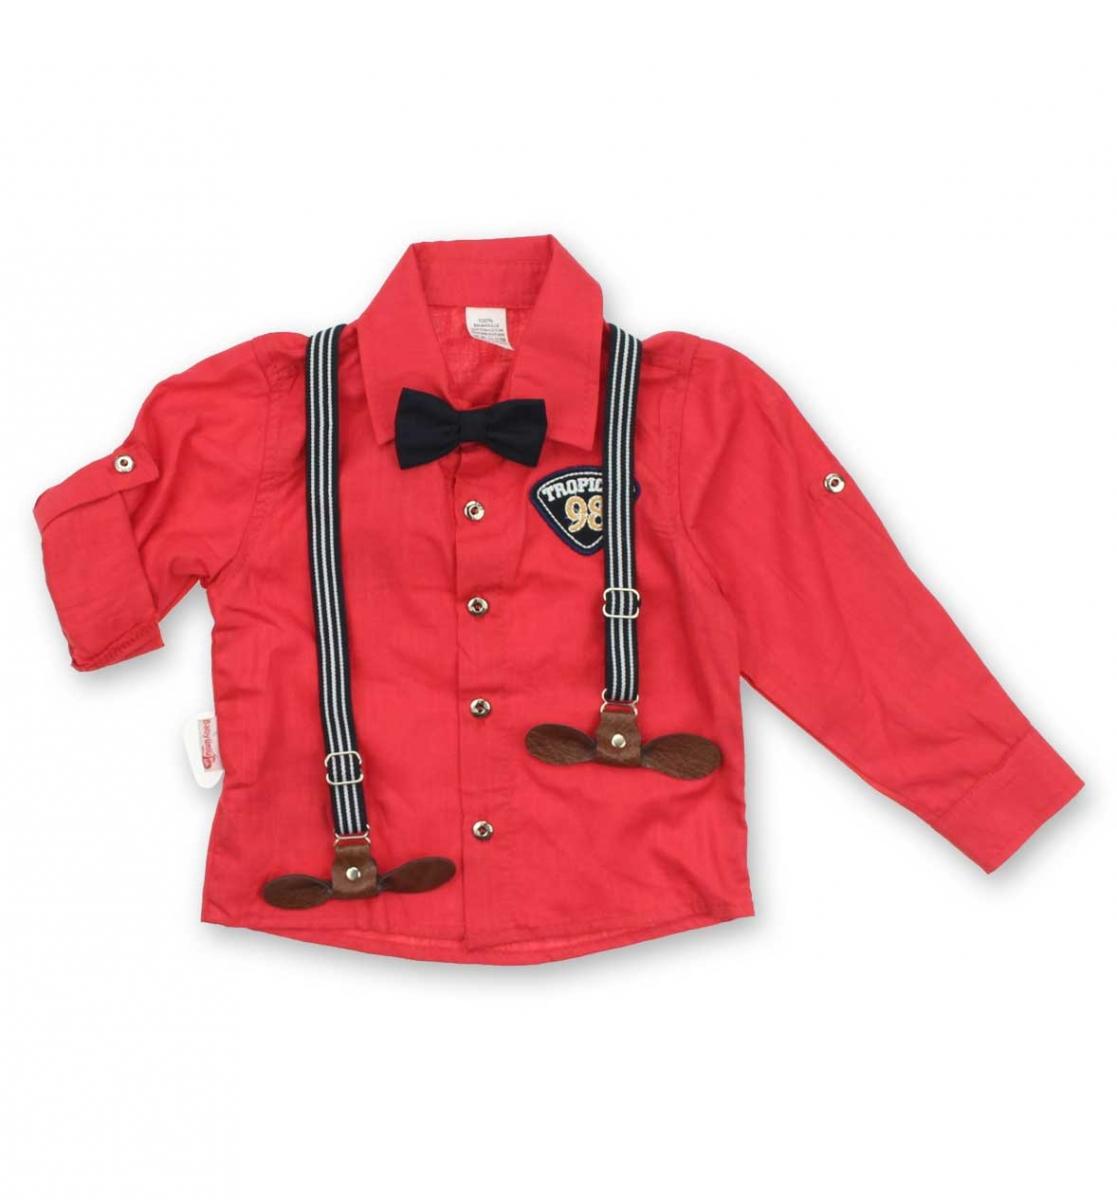 Modakids Erkek Çocuk Papyonlu Askılı Takım 019-4942-004